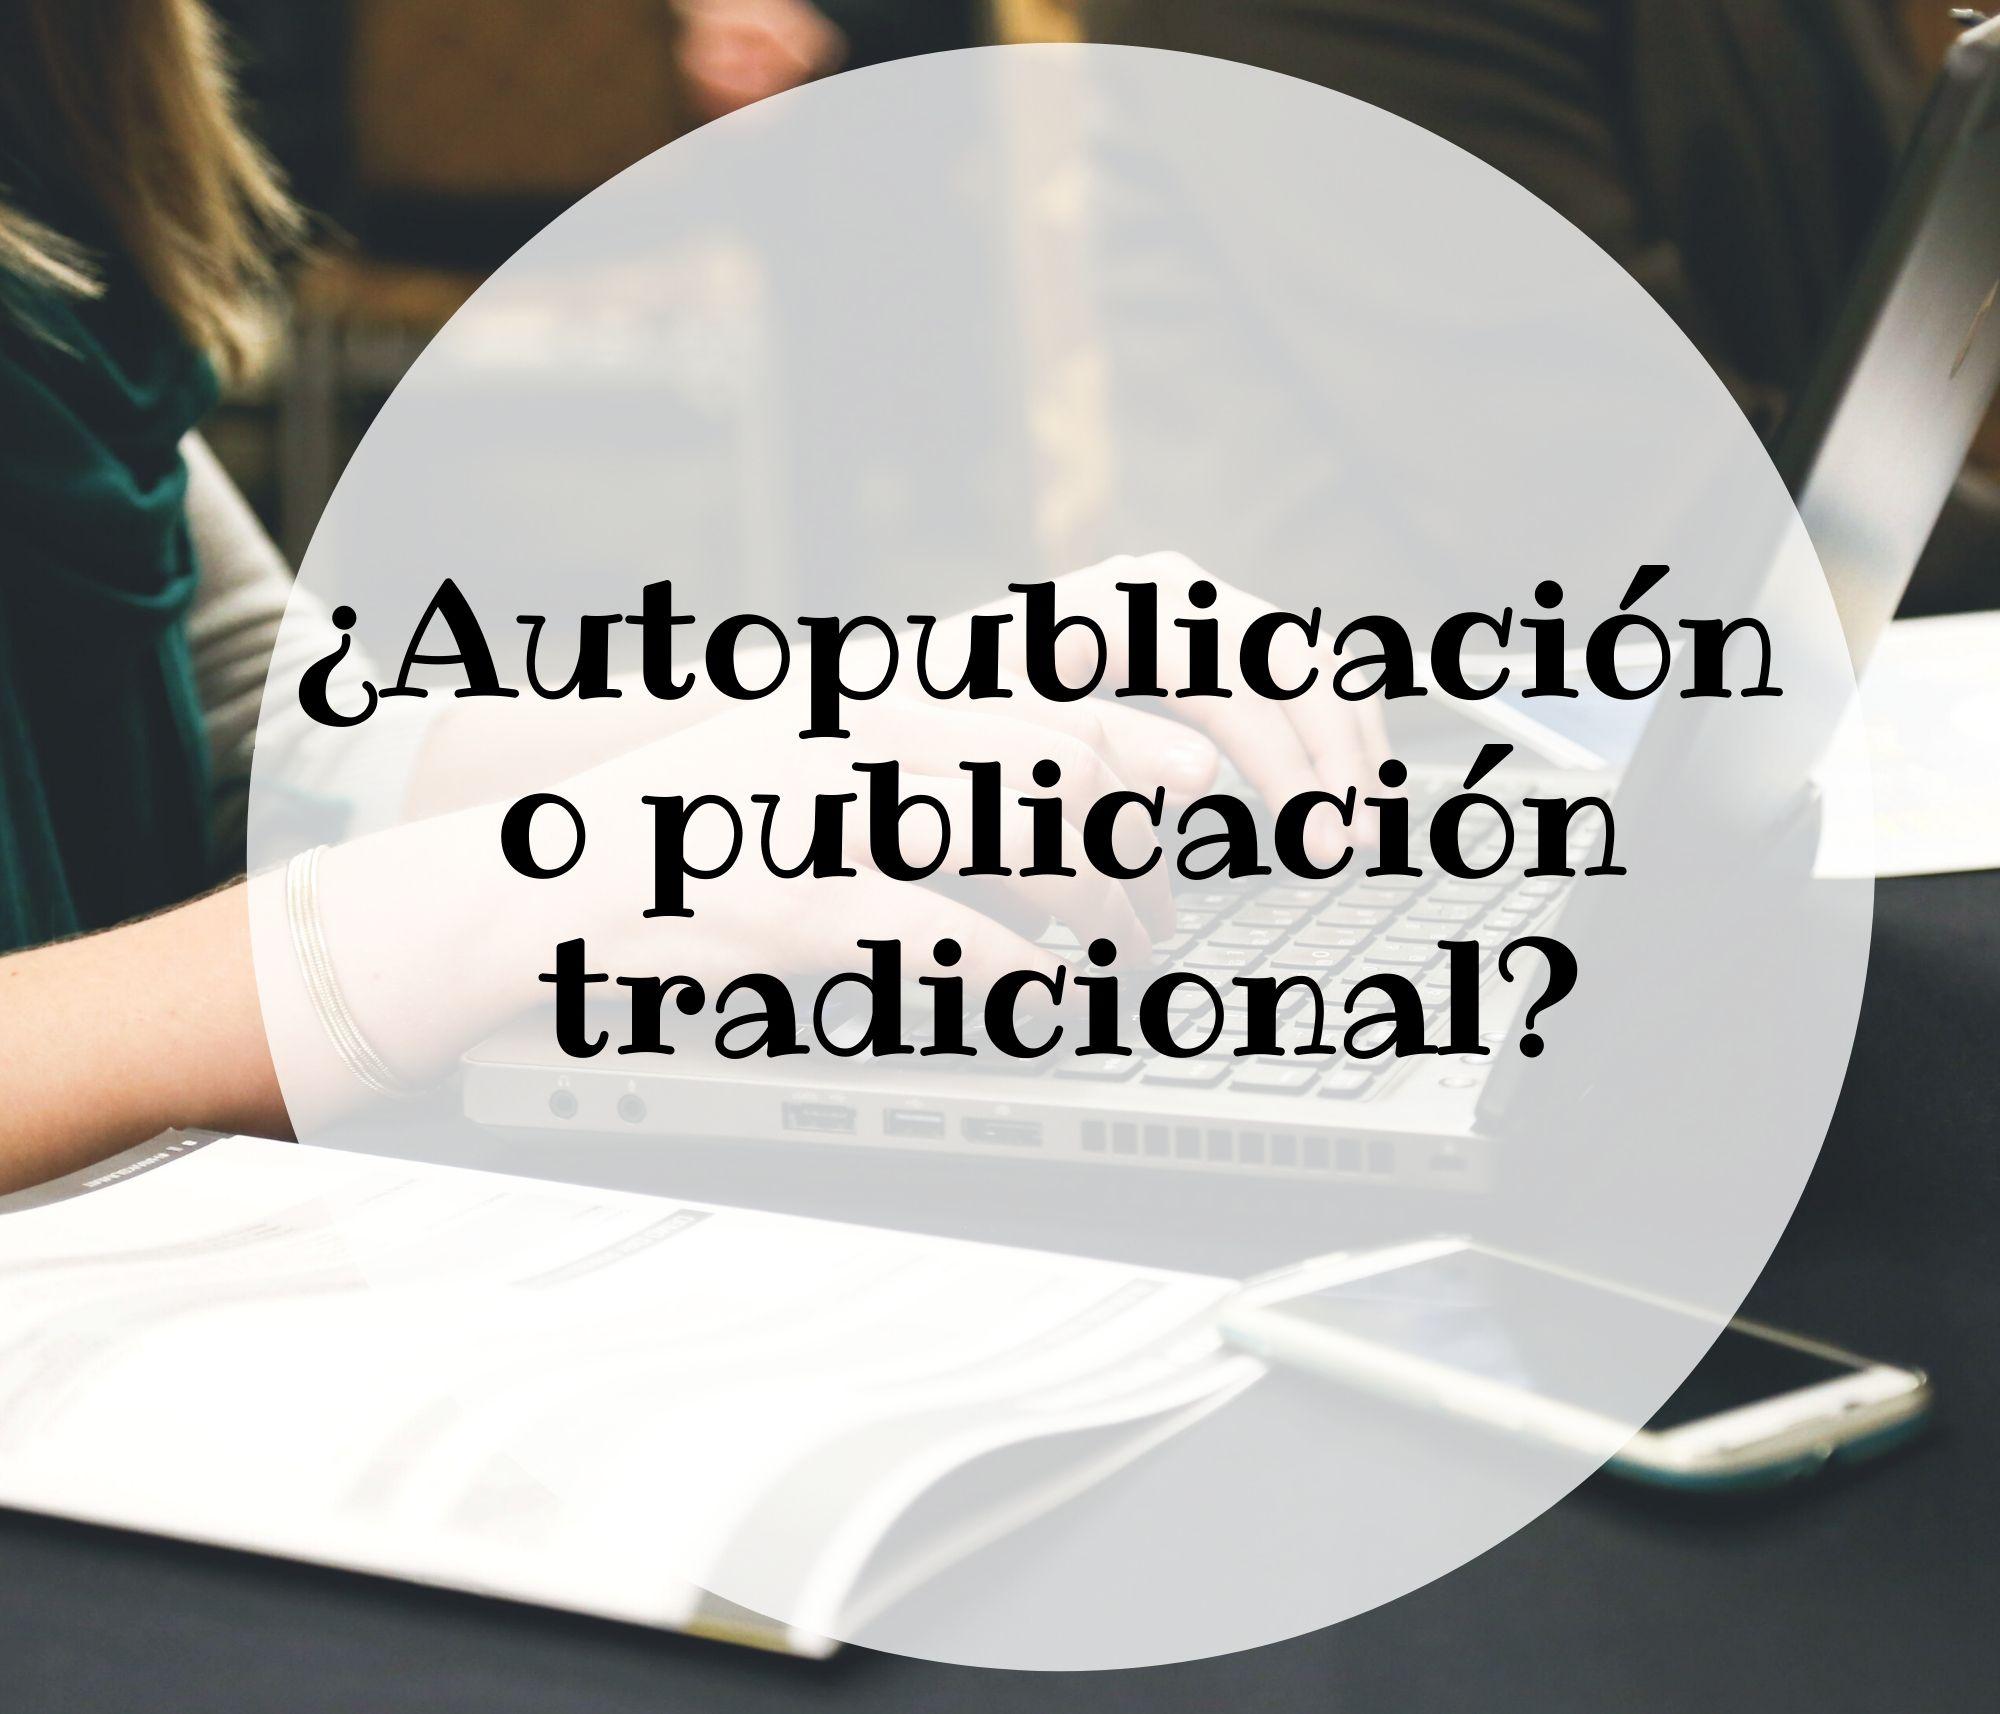 ¿Autopublicación o editorial tradicional?